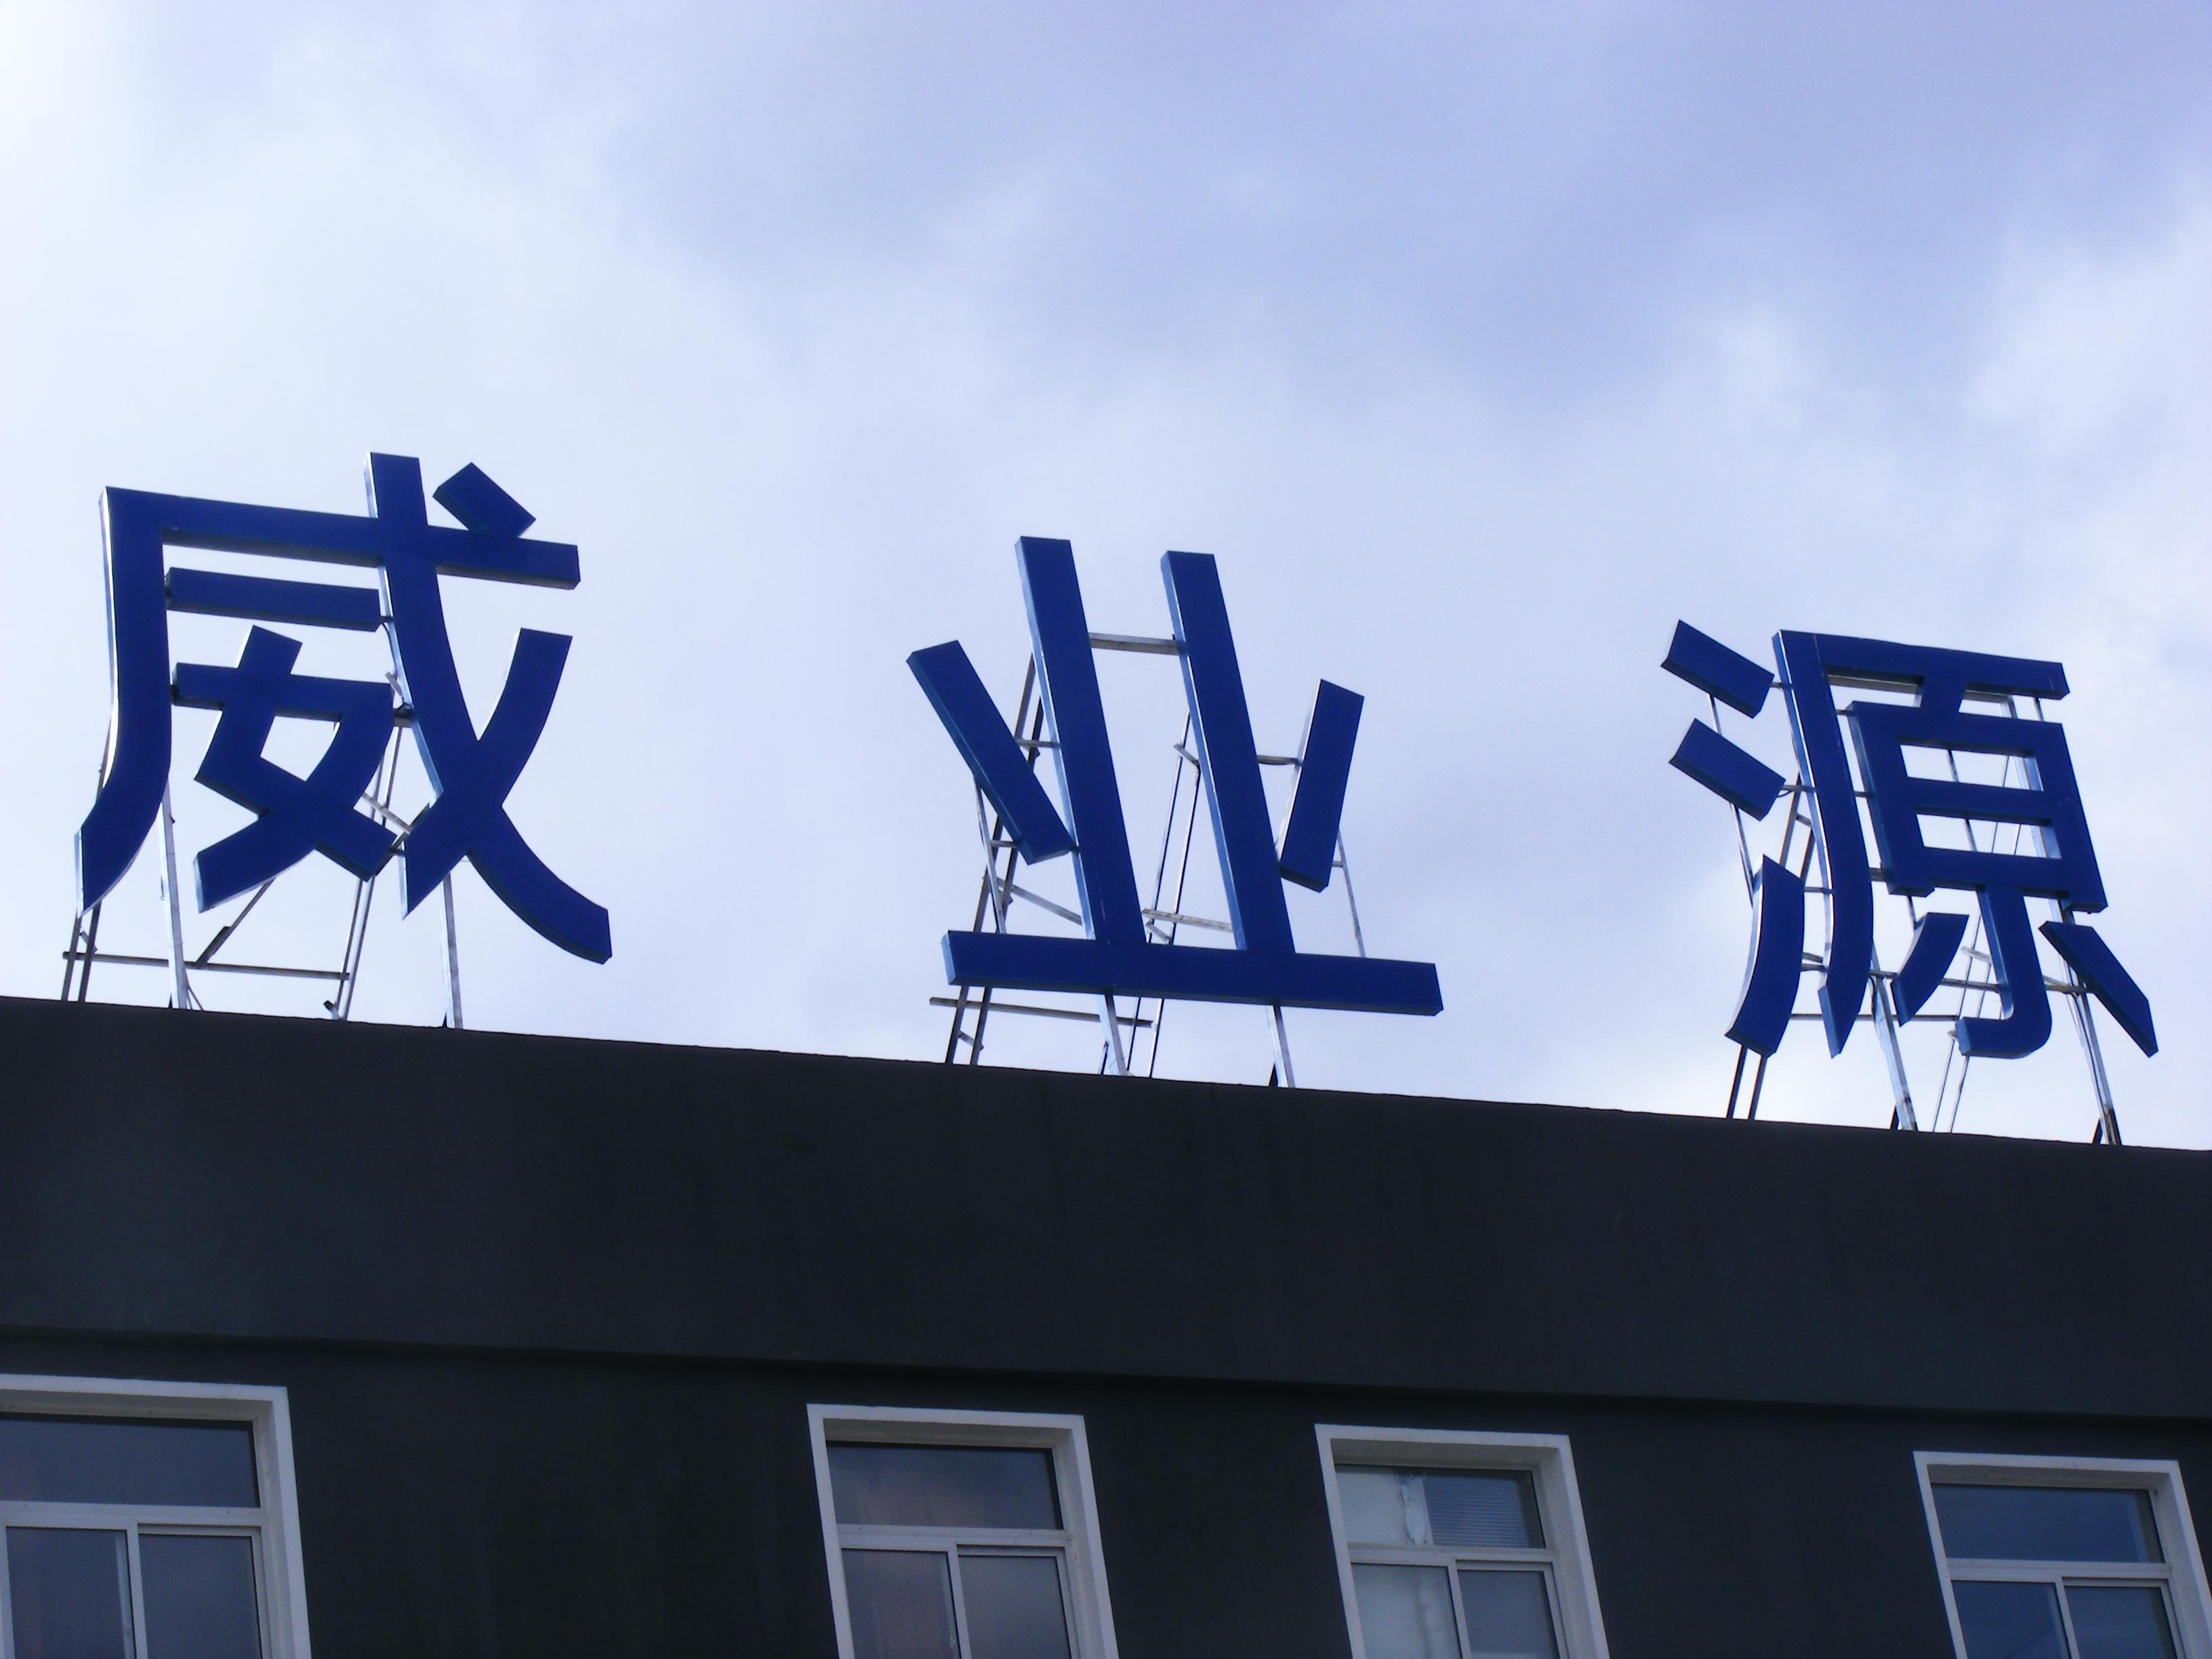 楼顶字发展的3个阶段,我们在大街上也可以清楚看到新旧的楼顶字,所采用的材质也不同,制作出来的广告字也是不相同的,以前的材质一般都是以金属为主,再发展了不锈钢大字,到了现在的亚克力发光字,外露发光字这三个不同的发展阶段,也是经过了5-10年左右的发展。楼顶字是一种被选择很认可的一种广告字,由于广告的传播远,对人们的影响大,以及视觉的冲击力,现在制作楼顶字的公司和企业也越来越多。楼顶字也是整个城市照明亮化的一部分,郑州楼顶字现在也很多很多,无论您走在郑州的那一条道路上都是可以看到不同类型的广告字的。 郑州楼